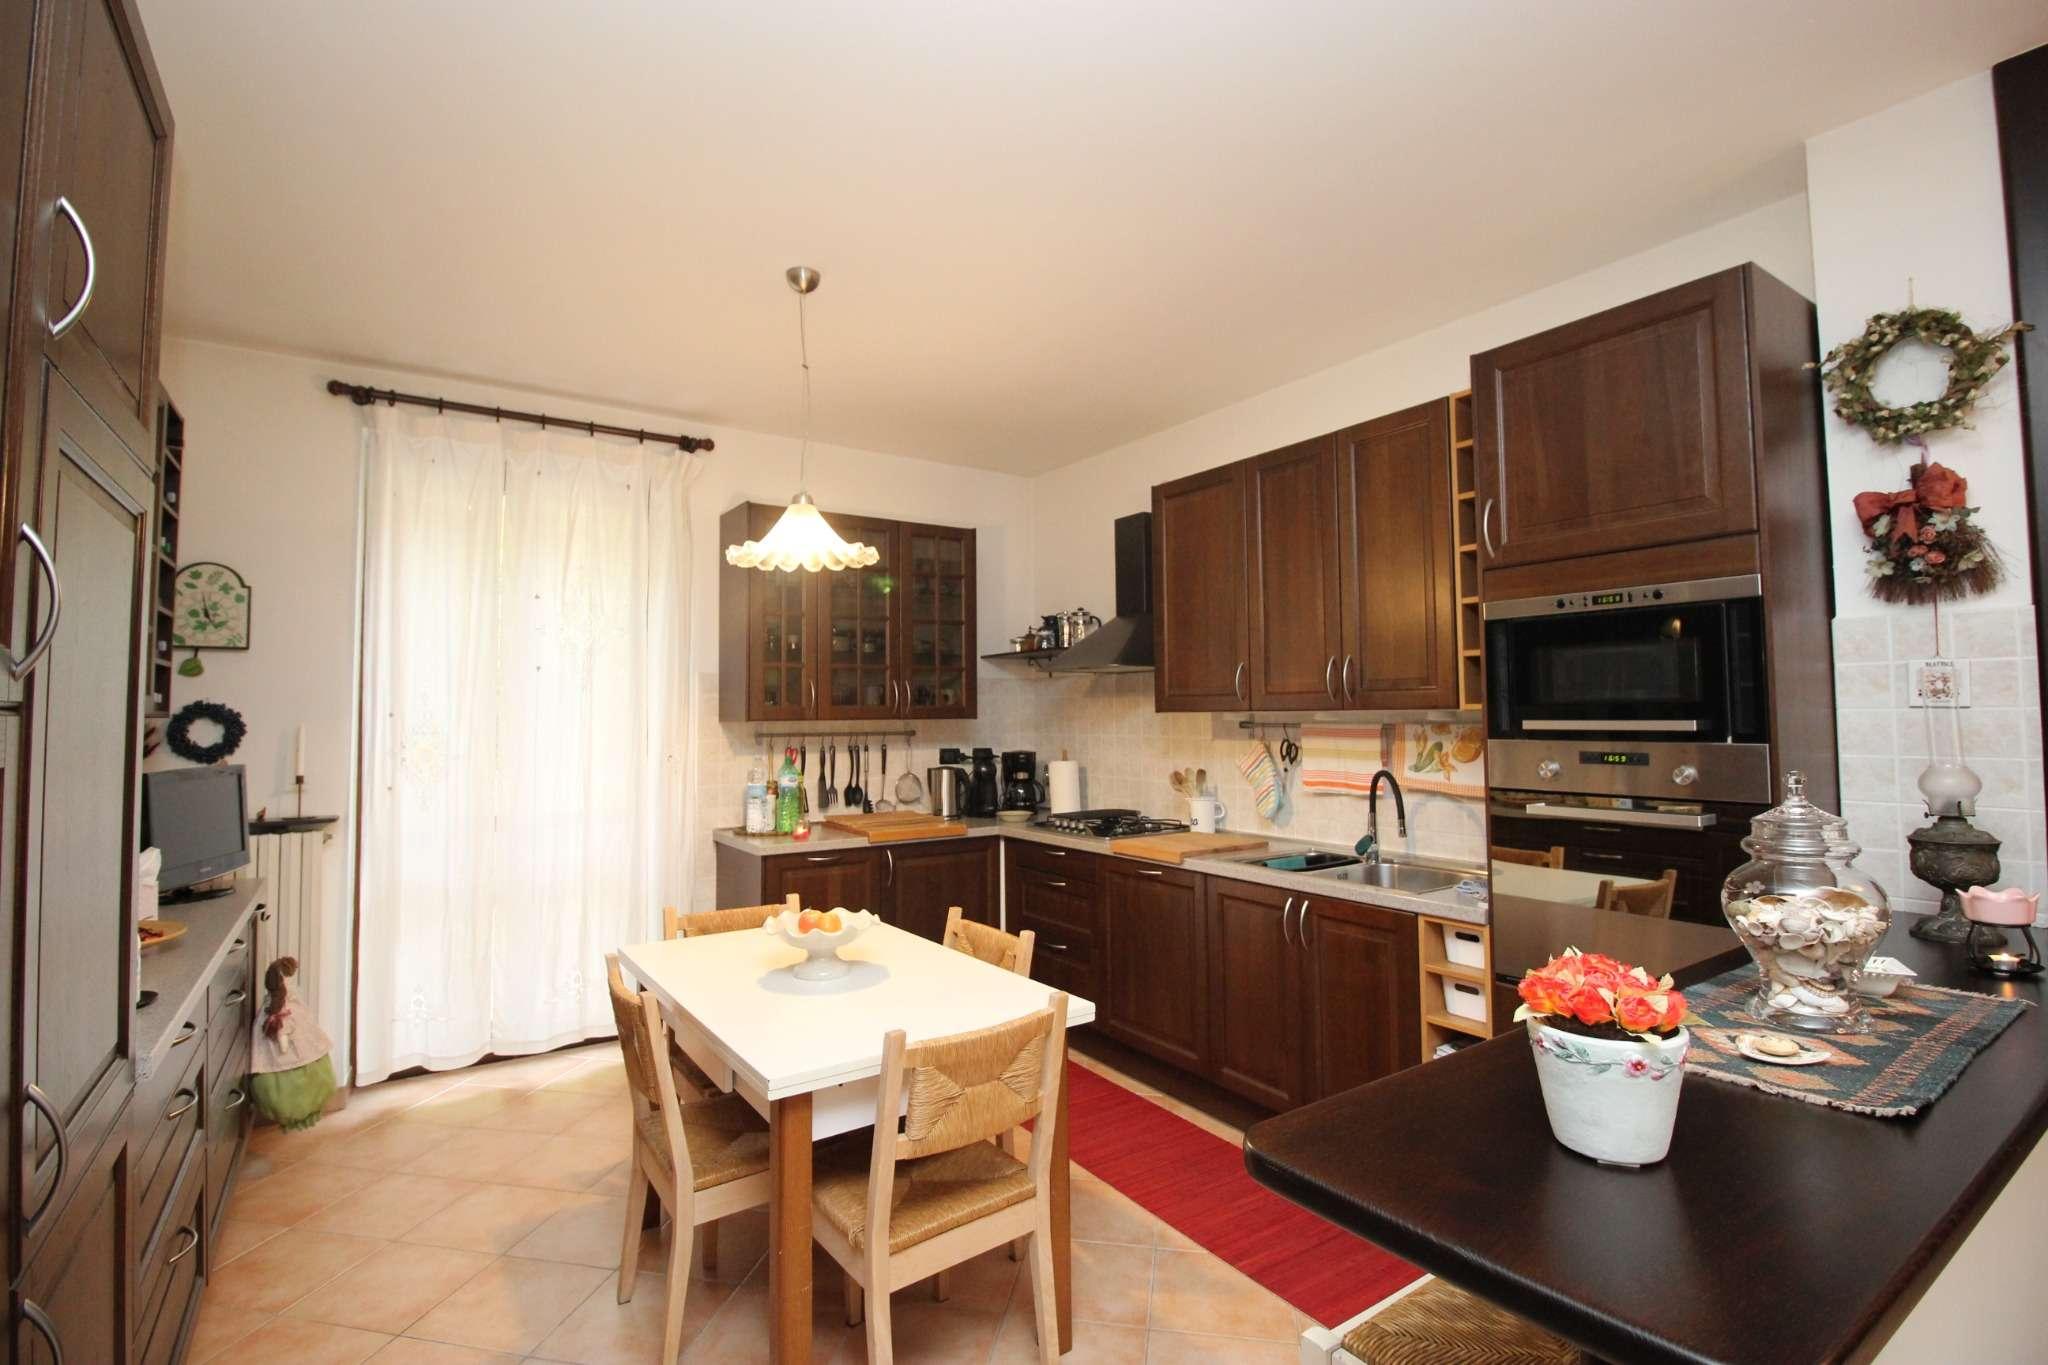 Appartamento in vendita a Marentino, 6 locali, prezzo € 170.000 | PortaleAgenzieImmobiliari.it